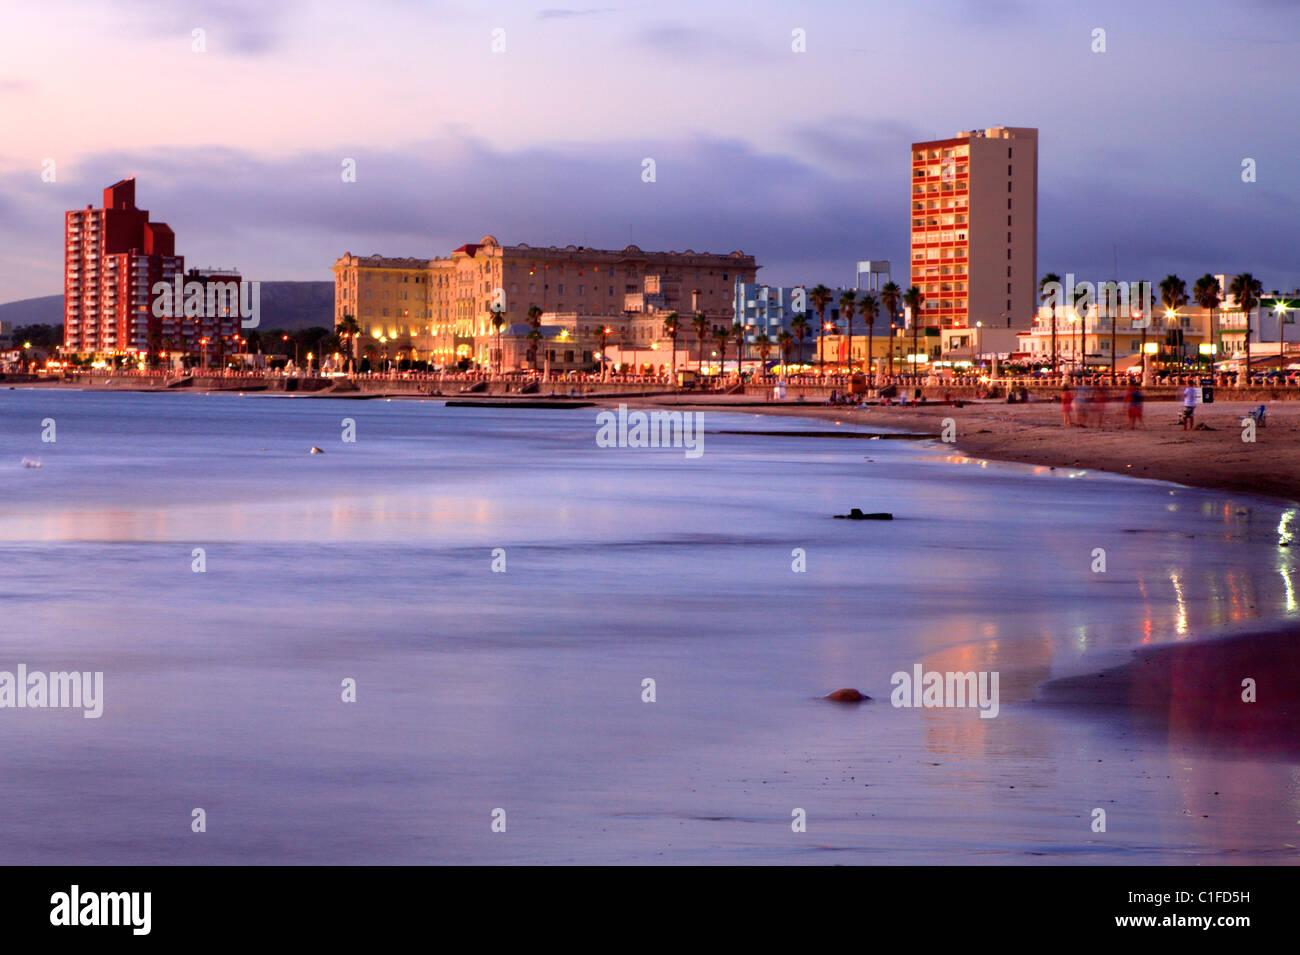 Vue éloignée de la ville et la plage de Piriapolis. Maldonado, Uruguay, Amérique du Sud Photo Stock